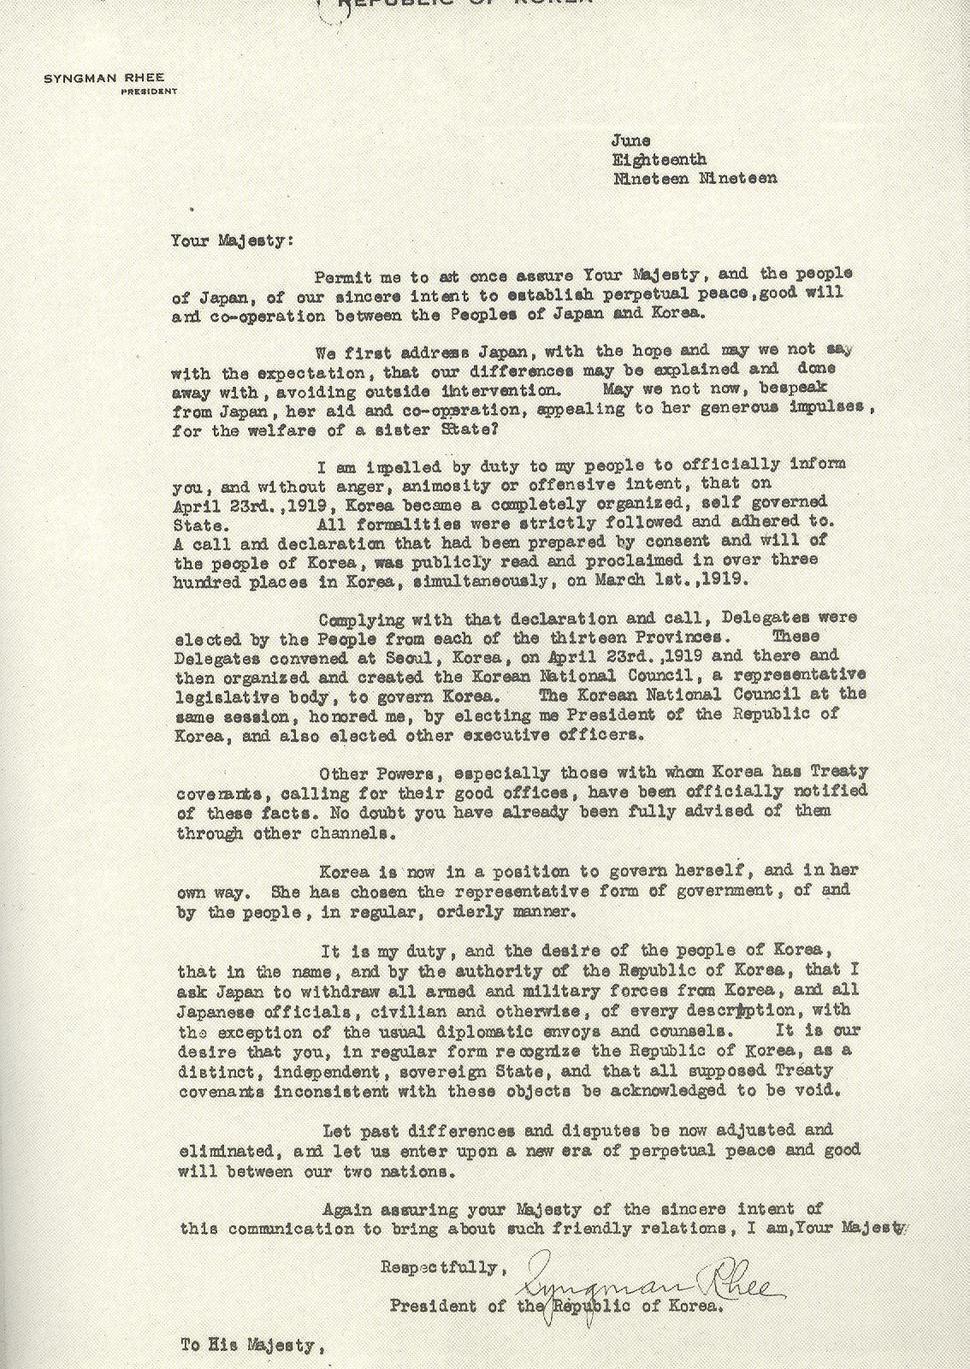 1919년 6월 18일, 이승만이 일본 천황에게 보낸 대한민국 건국 통보 공식문서. 아래에 이승만의 자필 사인이 선명하다.  우당기념관 제공